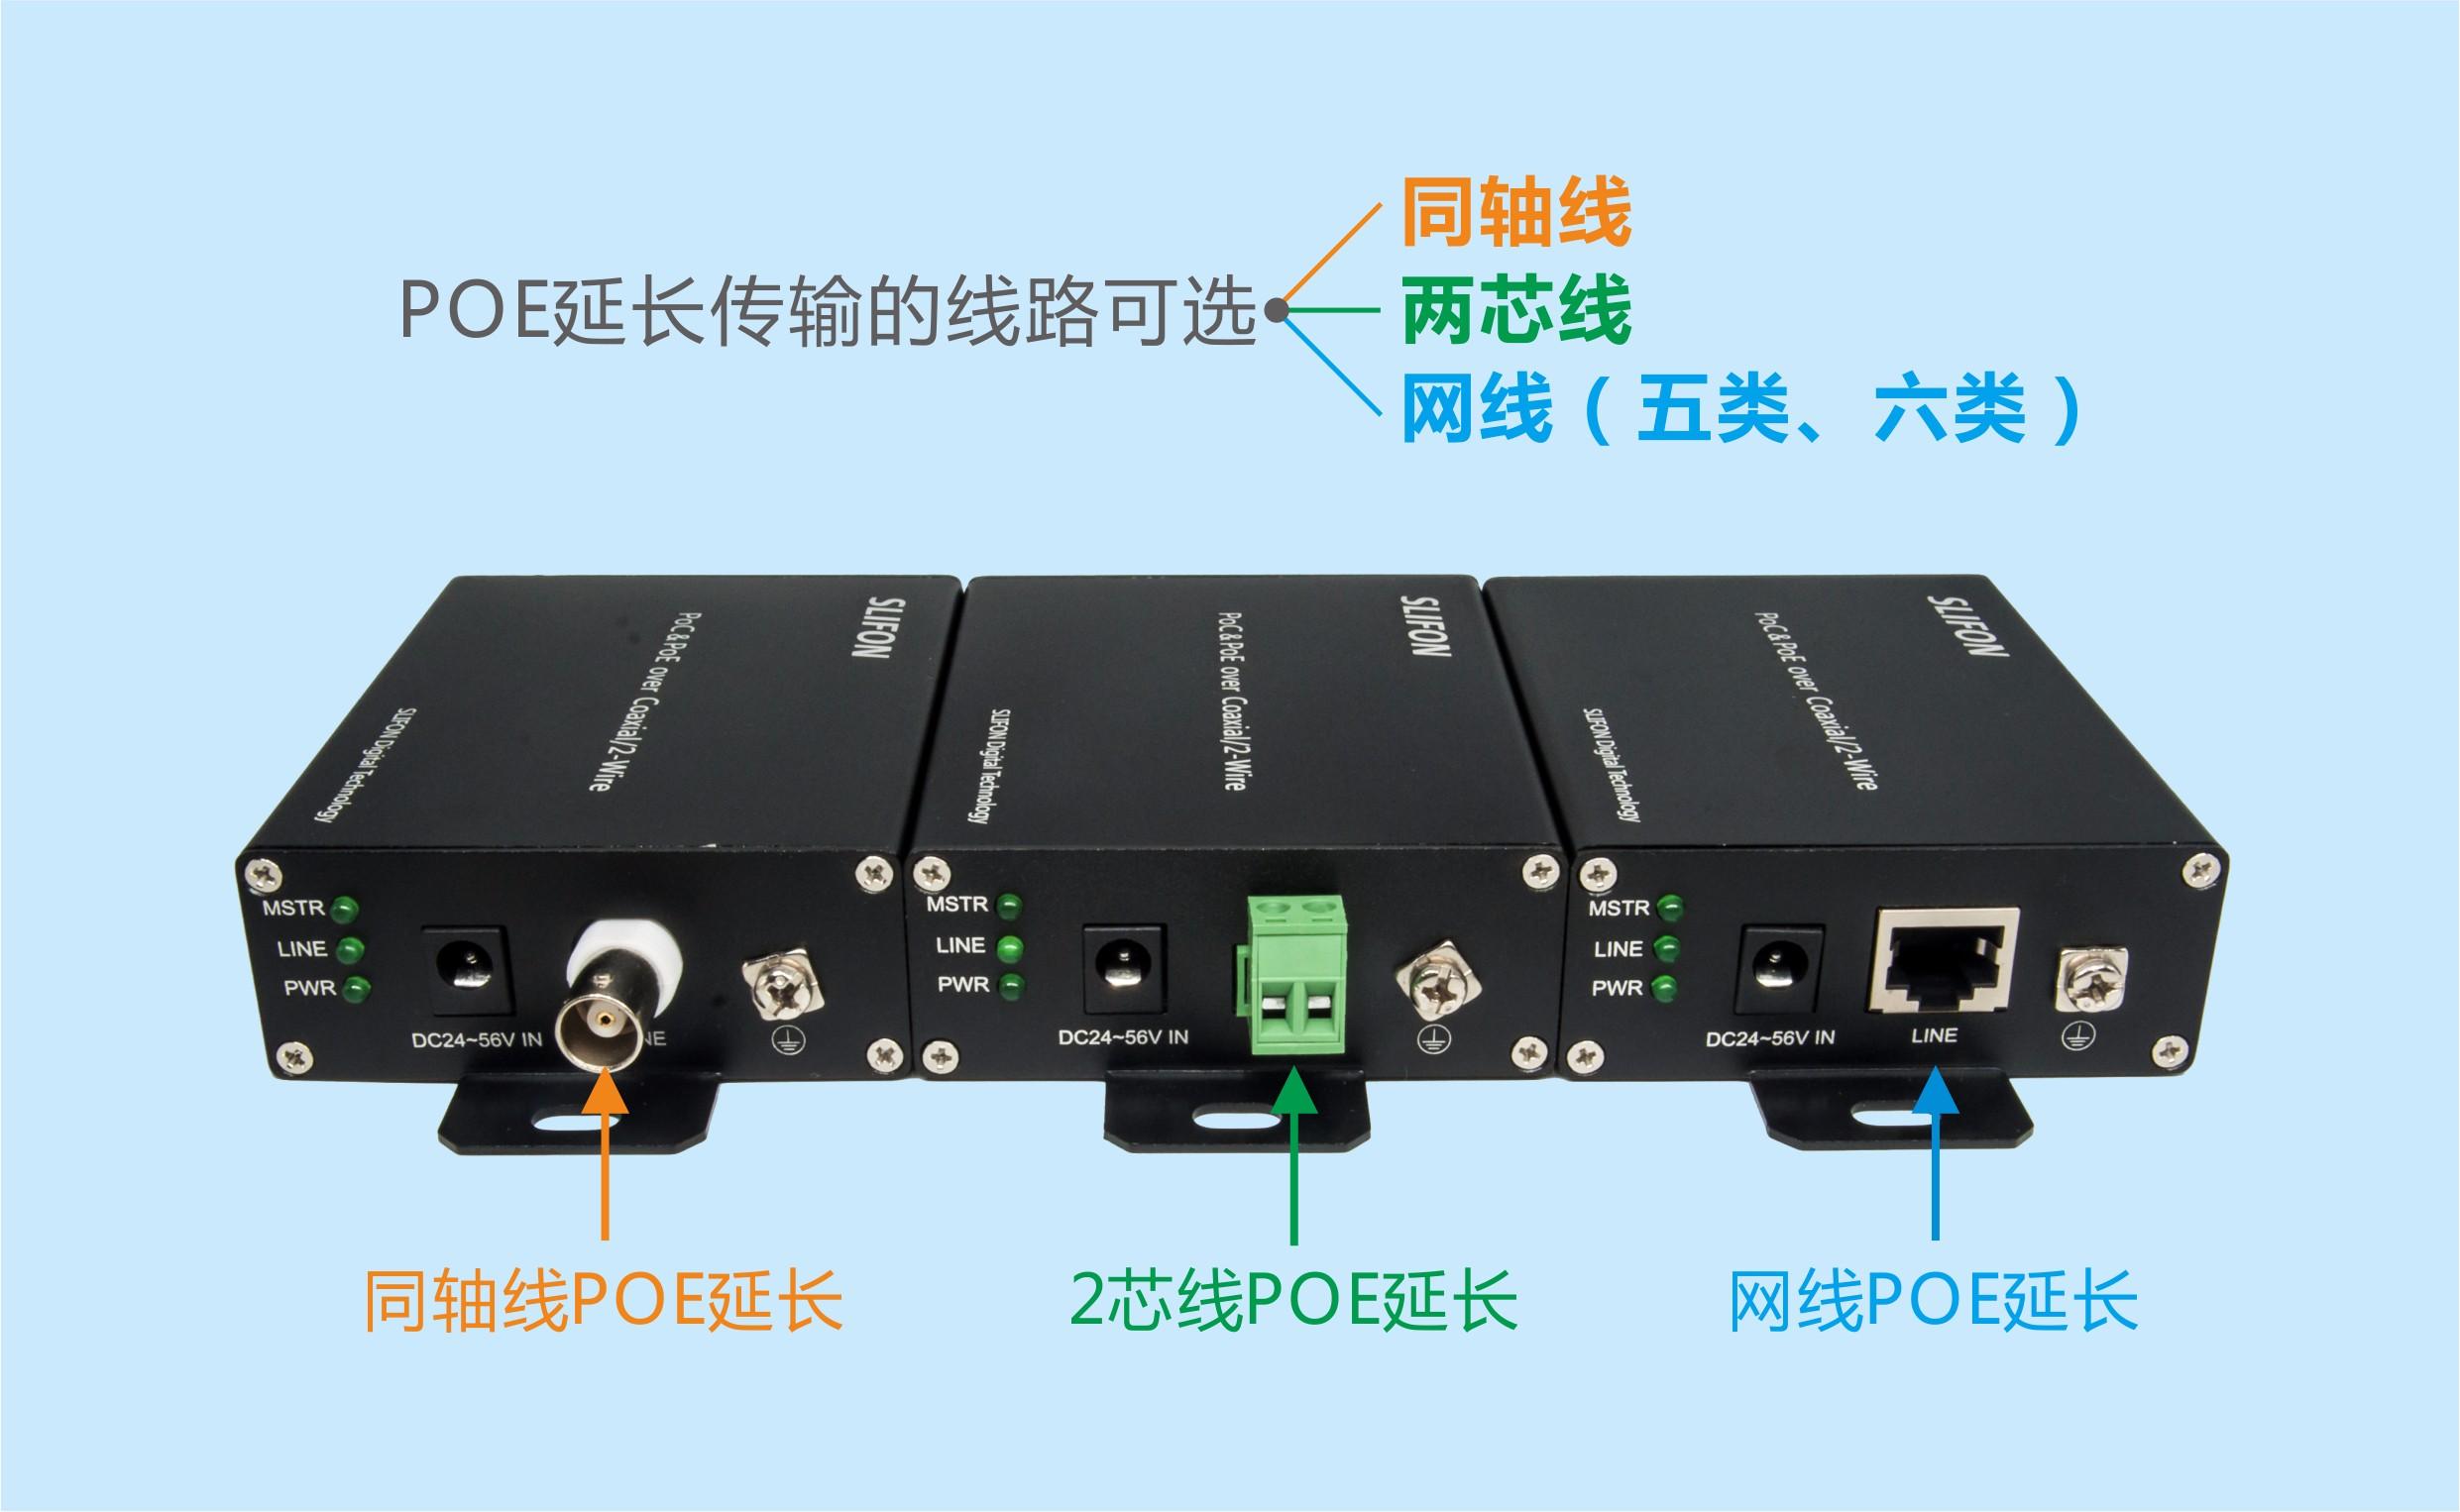 同轴线、2芯线、网线PoE延长器